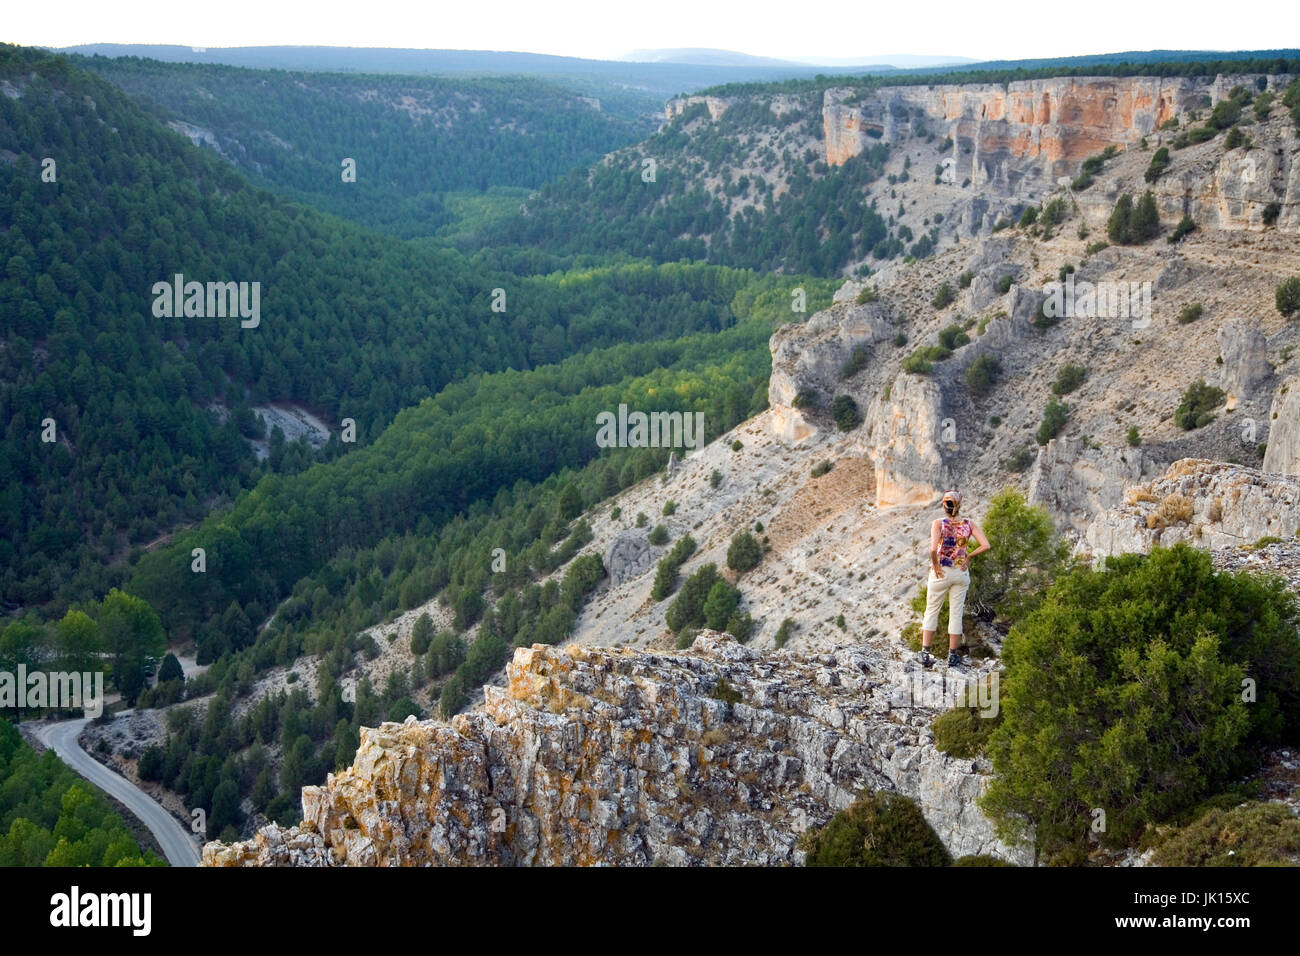 Cañon del  Rio Lobos  Natural Park .  Soria province, Castilla y Leon, Spain, Europe. - Stock Image